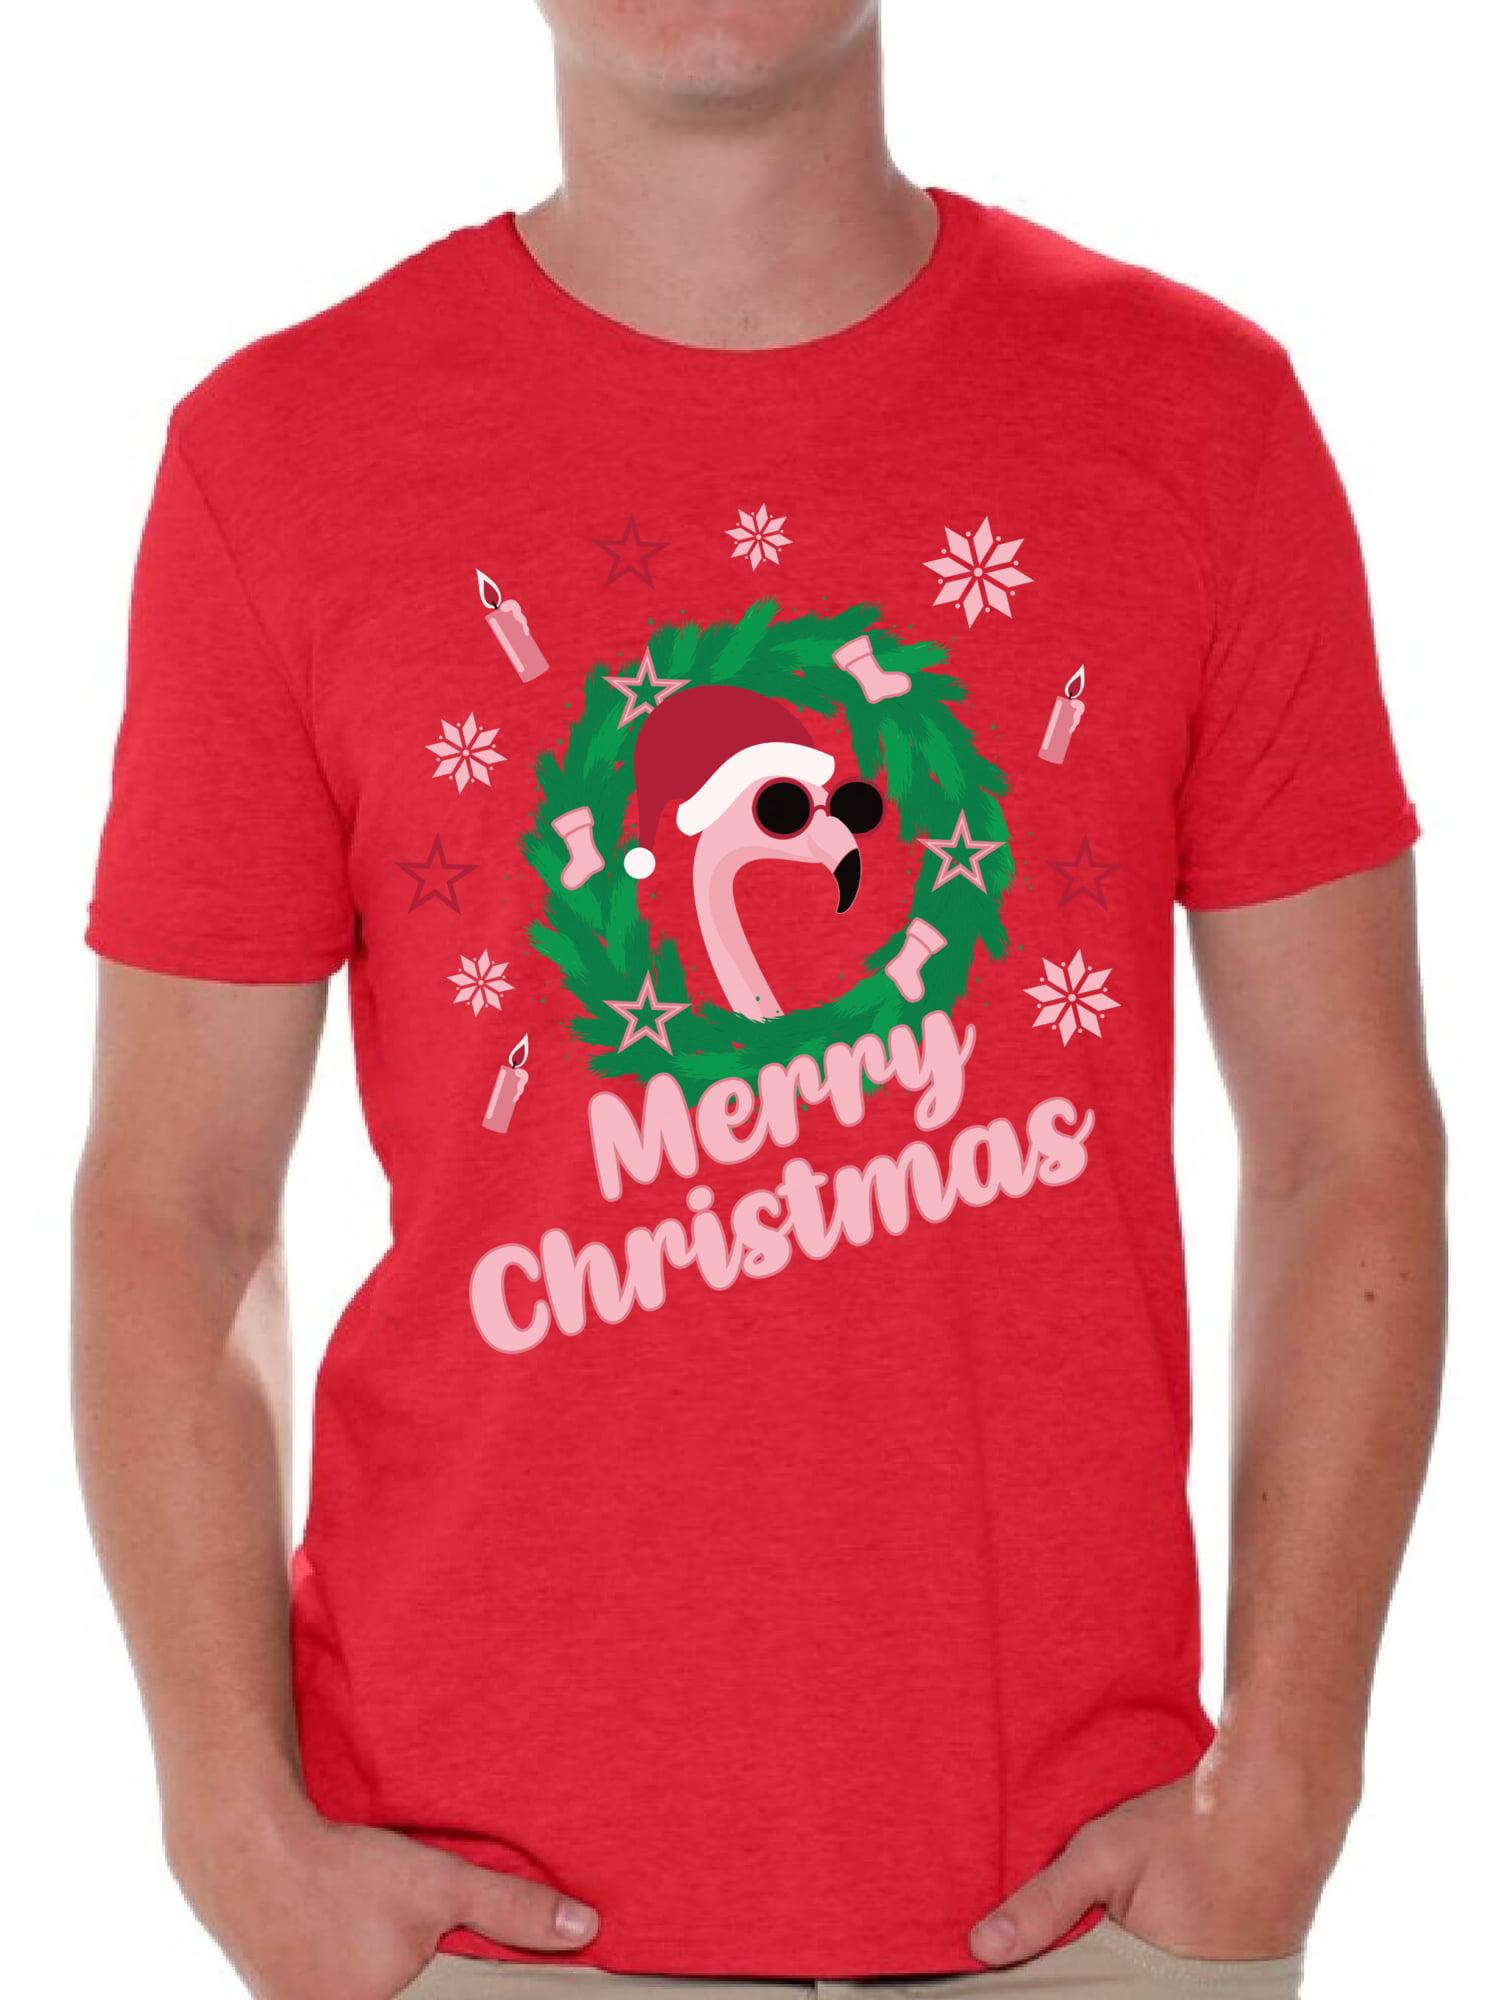 SANTA CLAUS FATHER CHRISTMAS CHIMNEY TSHIRT CHILDRENS MENS /& LADIES SIZES